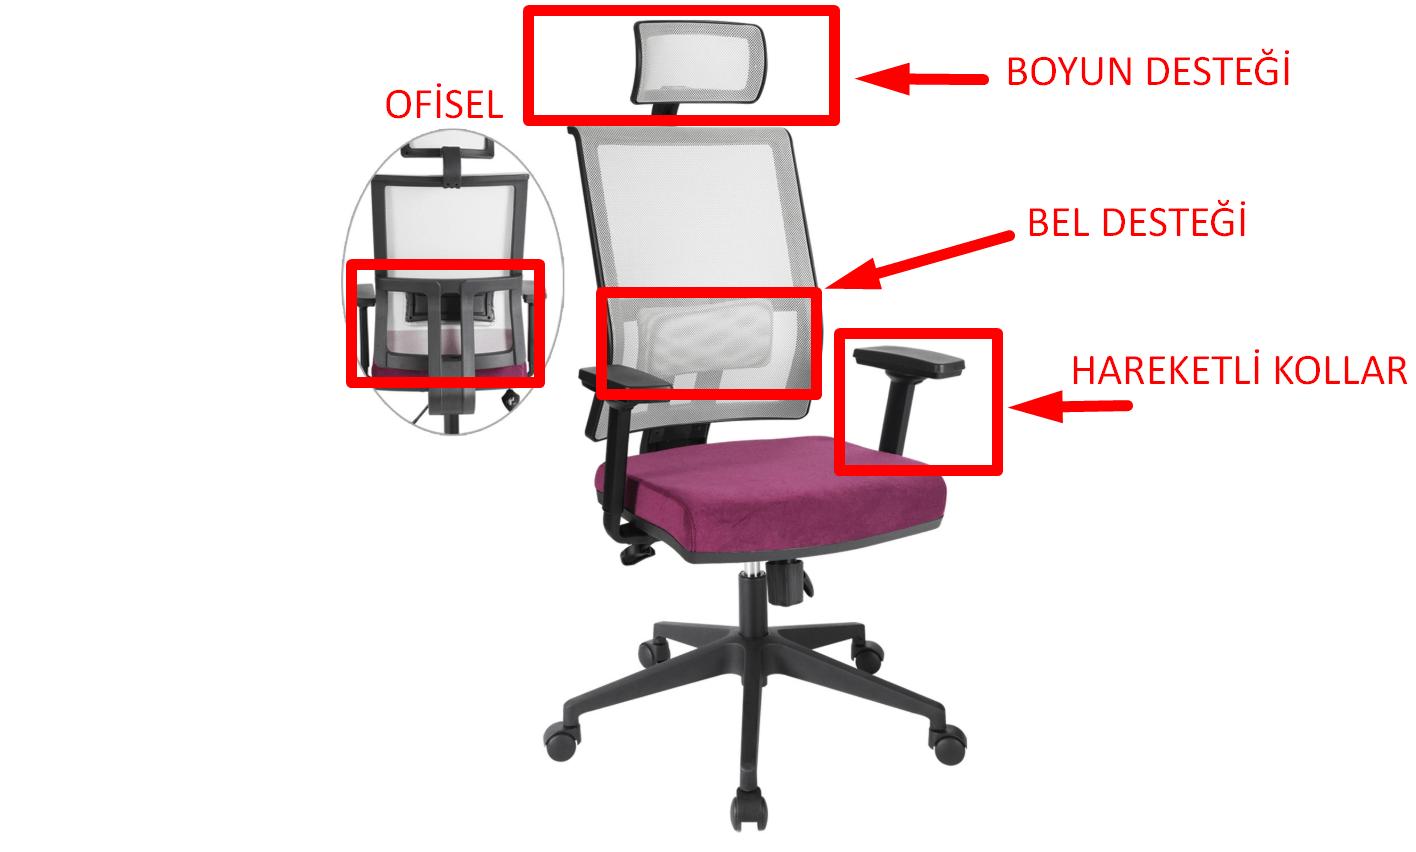 Tam Ortopedik Sandalye nedir ve özellikleri Nelerdir